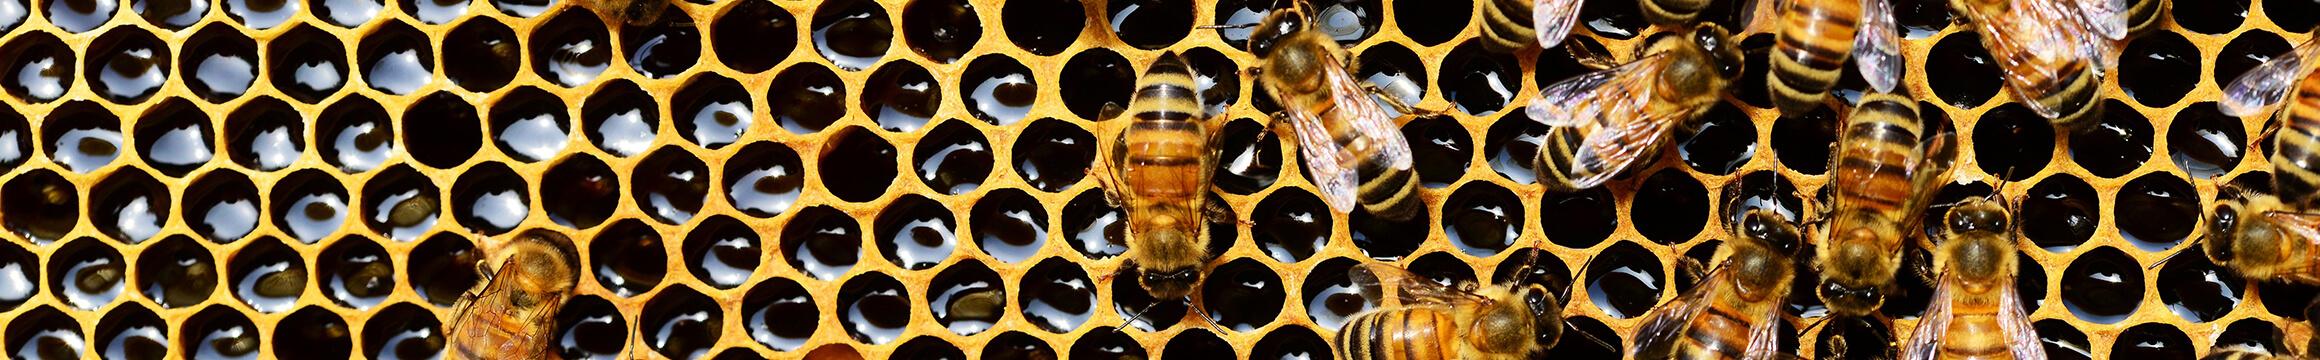 Honeybee 01